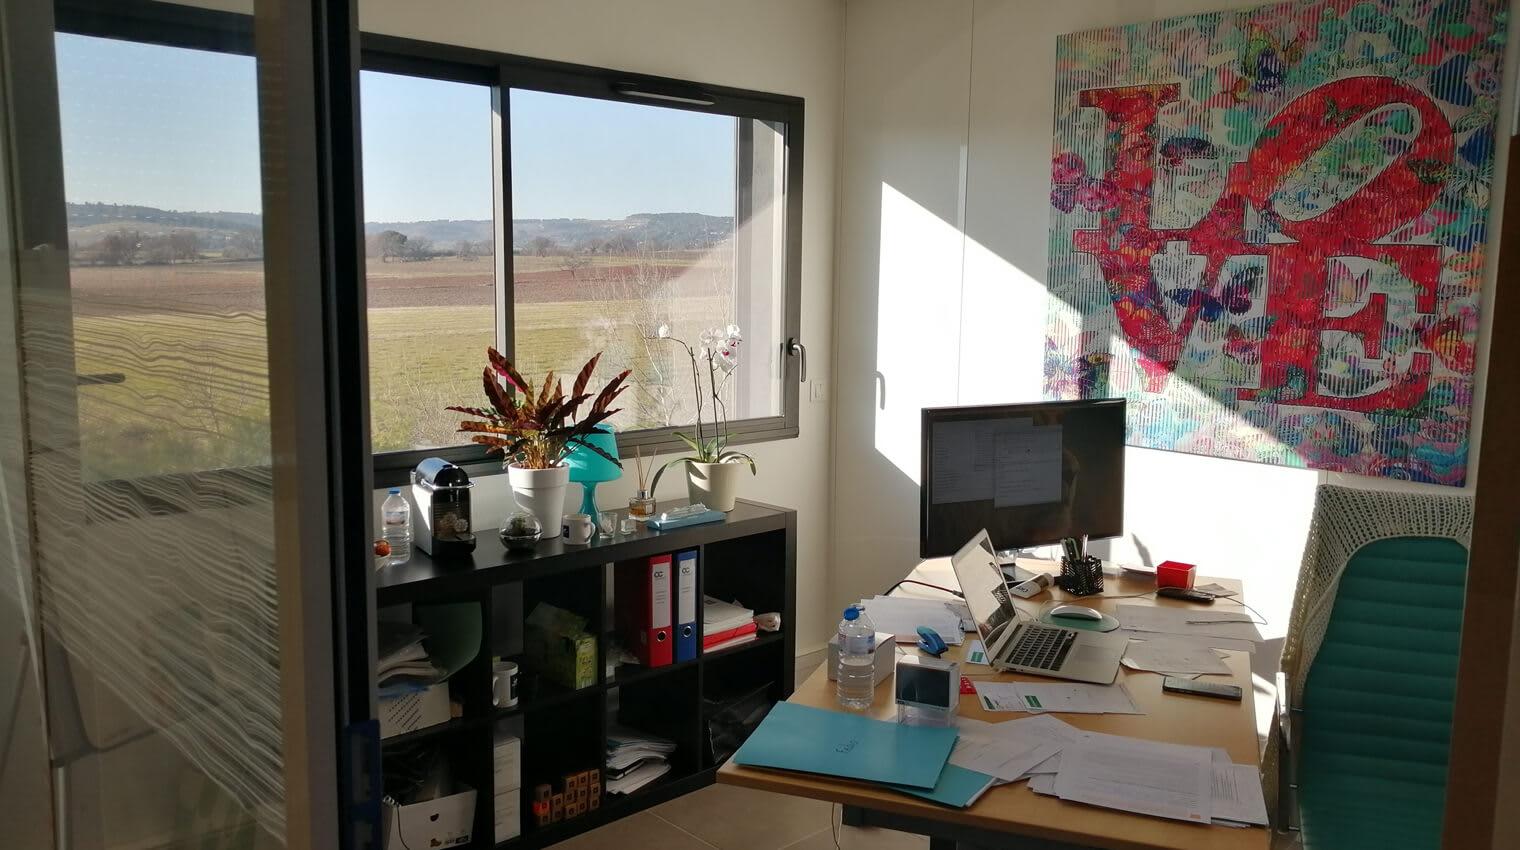 Notre centre d'affaires réceptionne votre courrier quotidiennement sur Aix-en-Provence